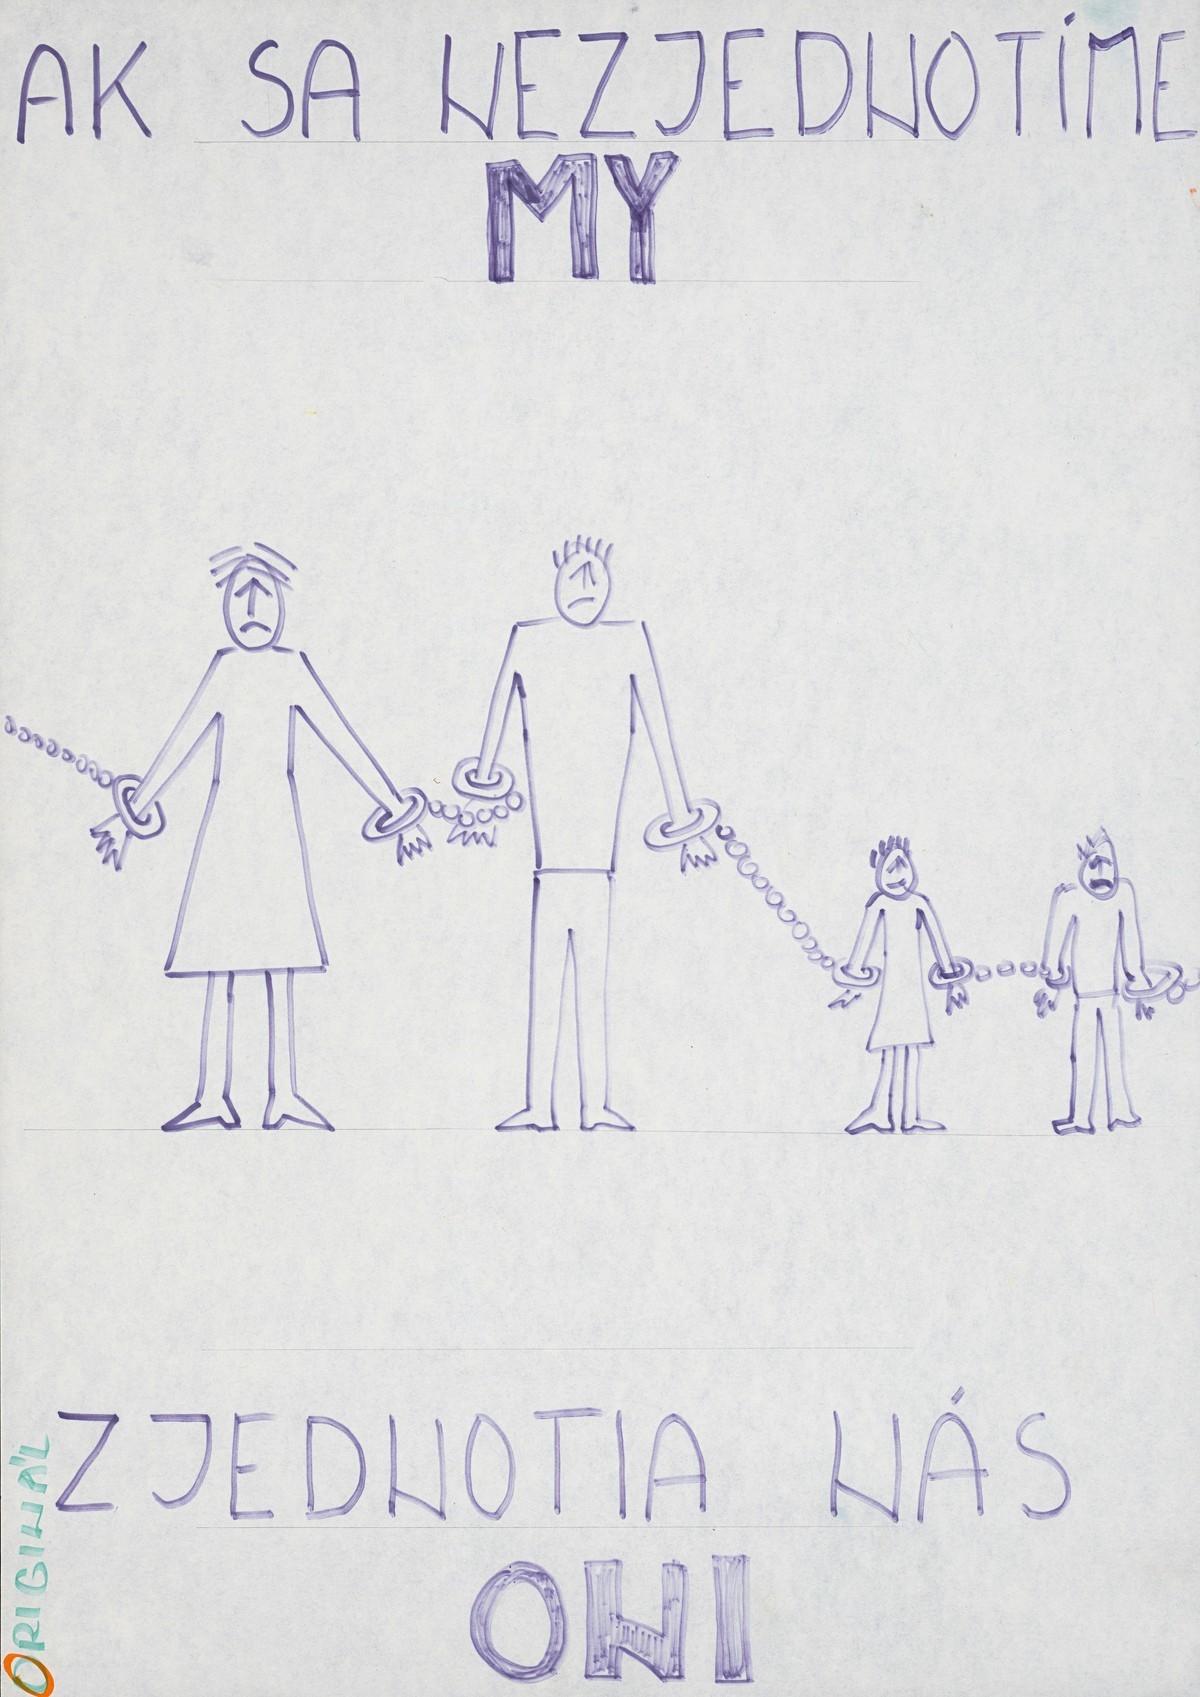 Ak sa nezjednotíme my, zjednotia nás oni. 1989. Slovenské národné múzeum – Historické múzeum v Bratislave